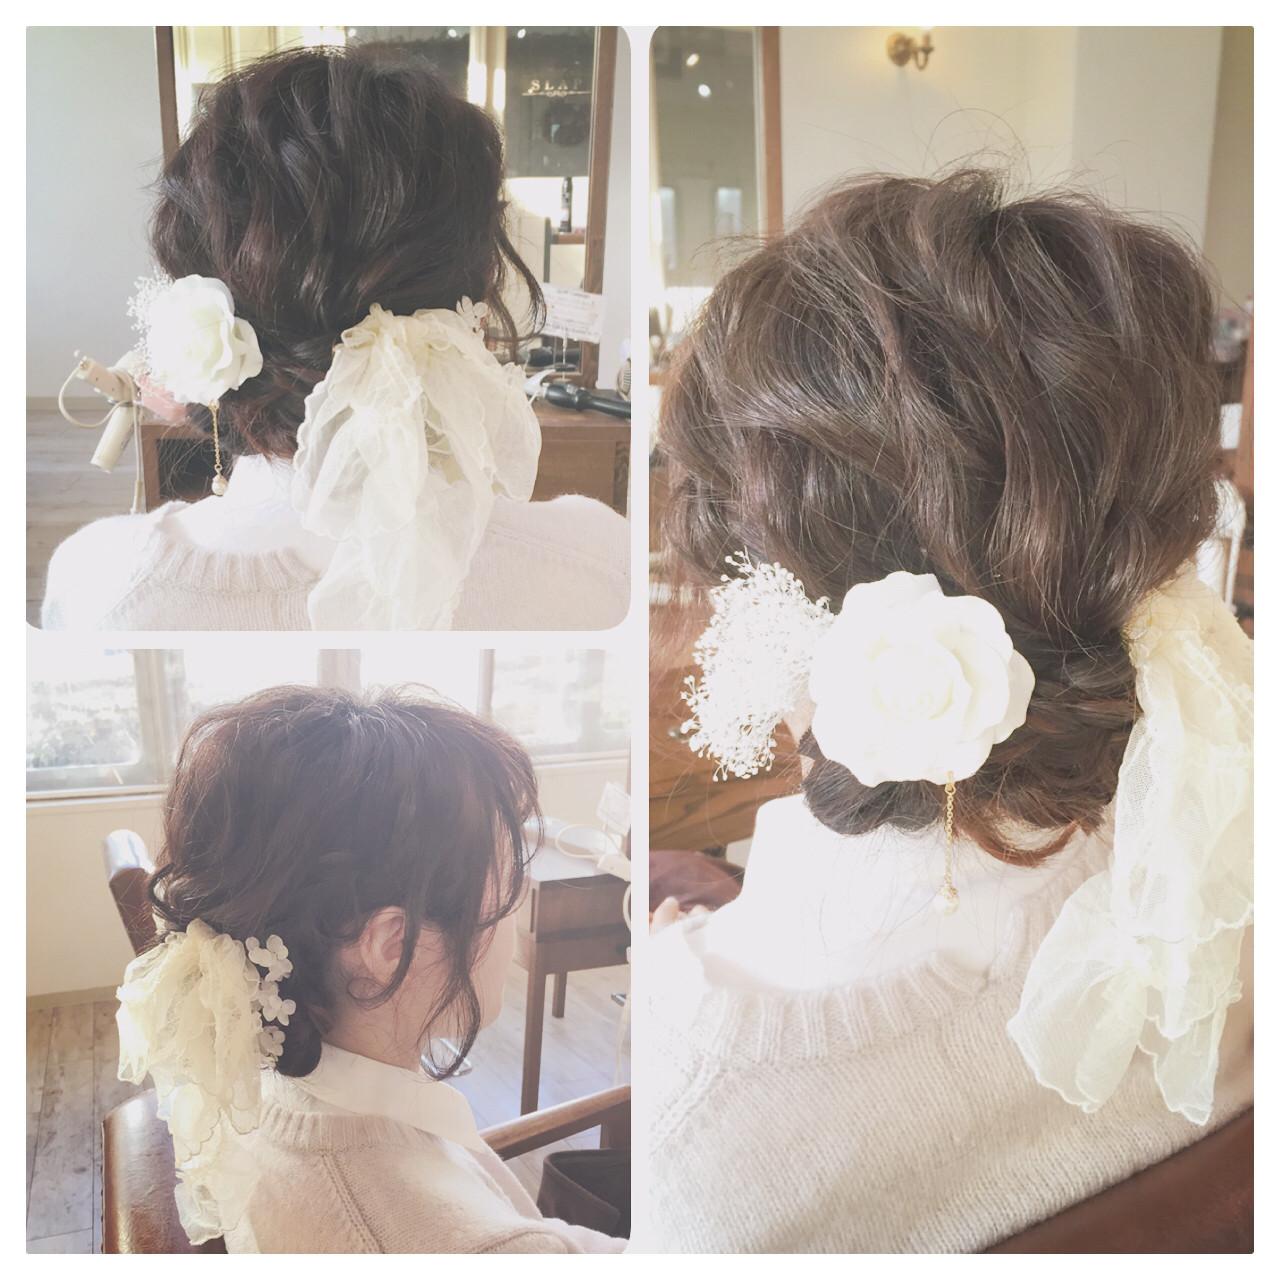 ショート 簡単ヘアアレンジ ヘアアレンジ セミロング ヘアスタイルや髪型の写真・画像